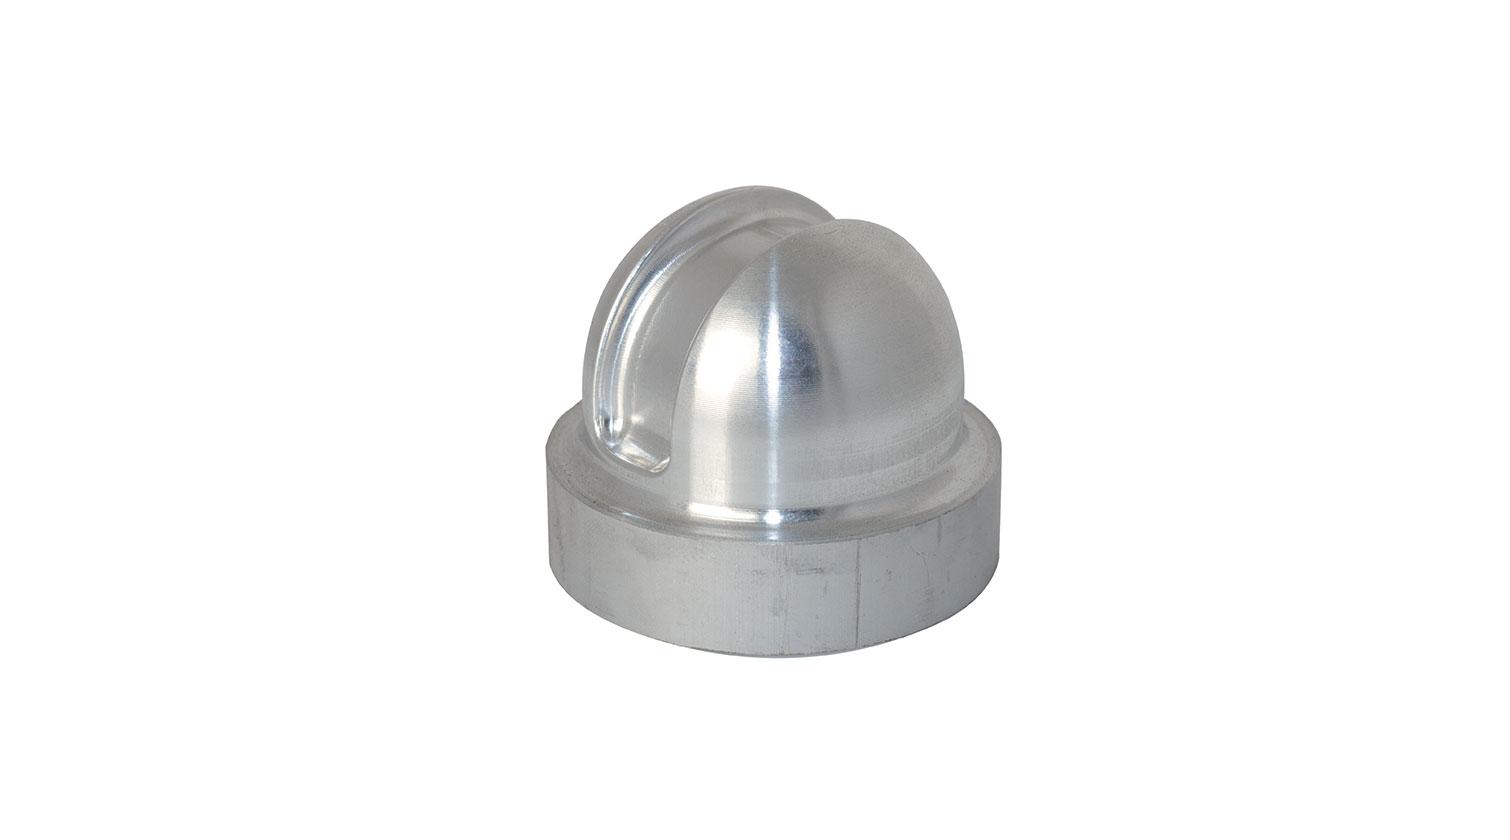 INT micro milling rapid prototyping CNC Imes Icore Premium 1010 aluminum sample